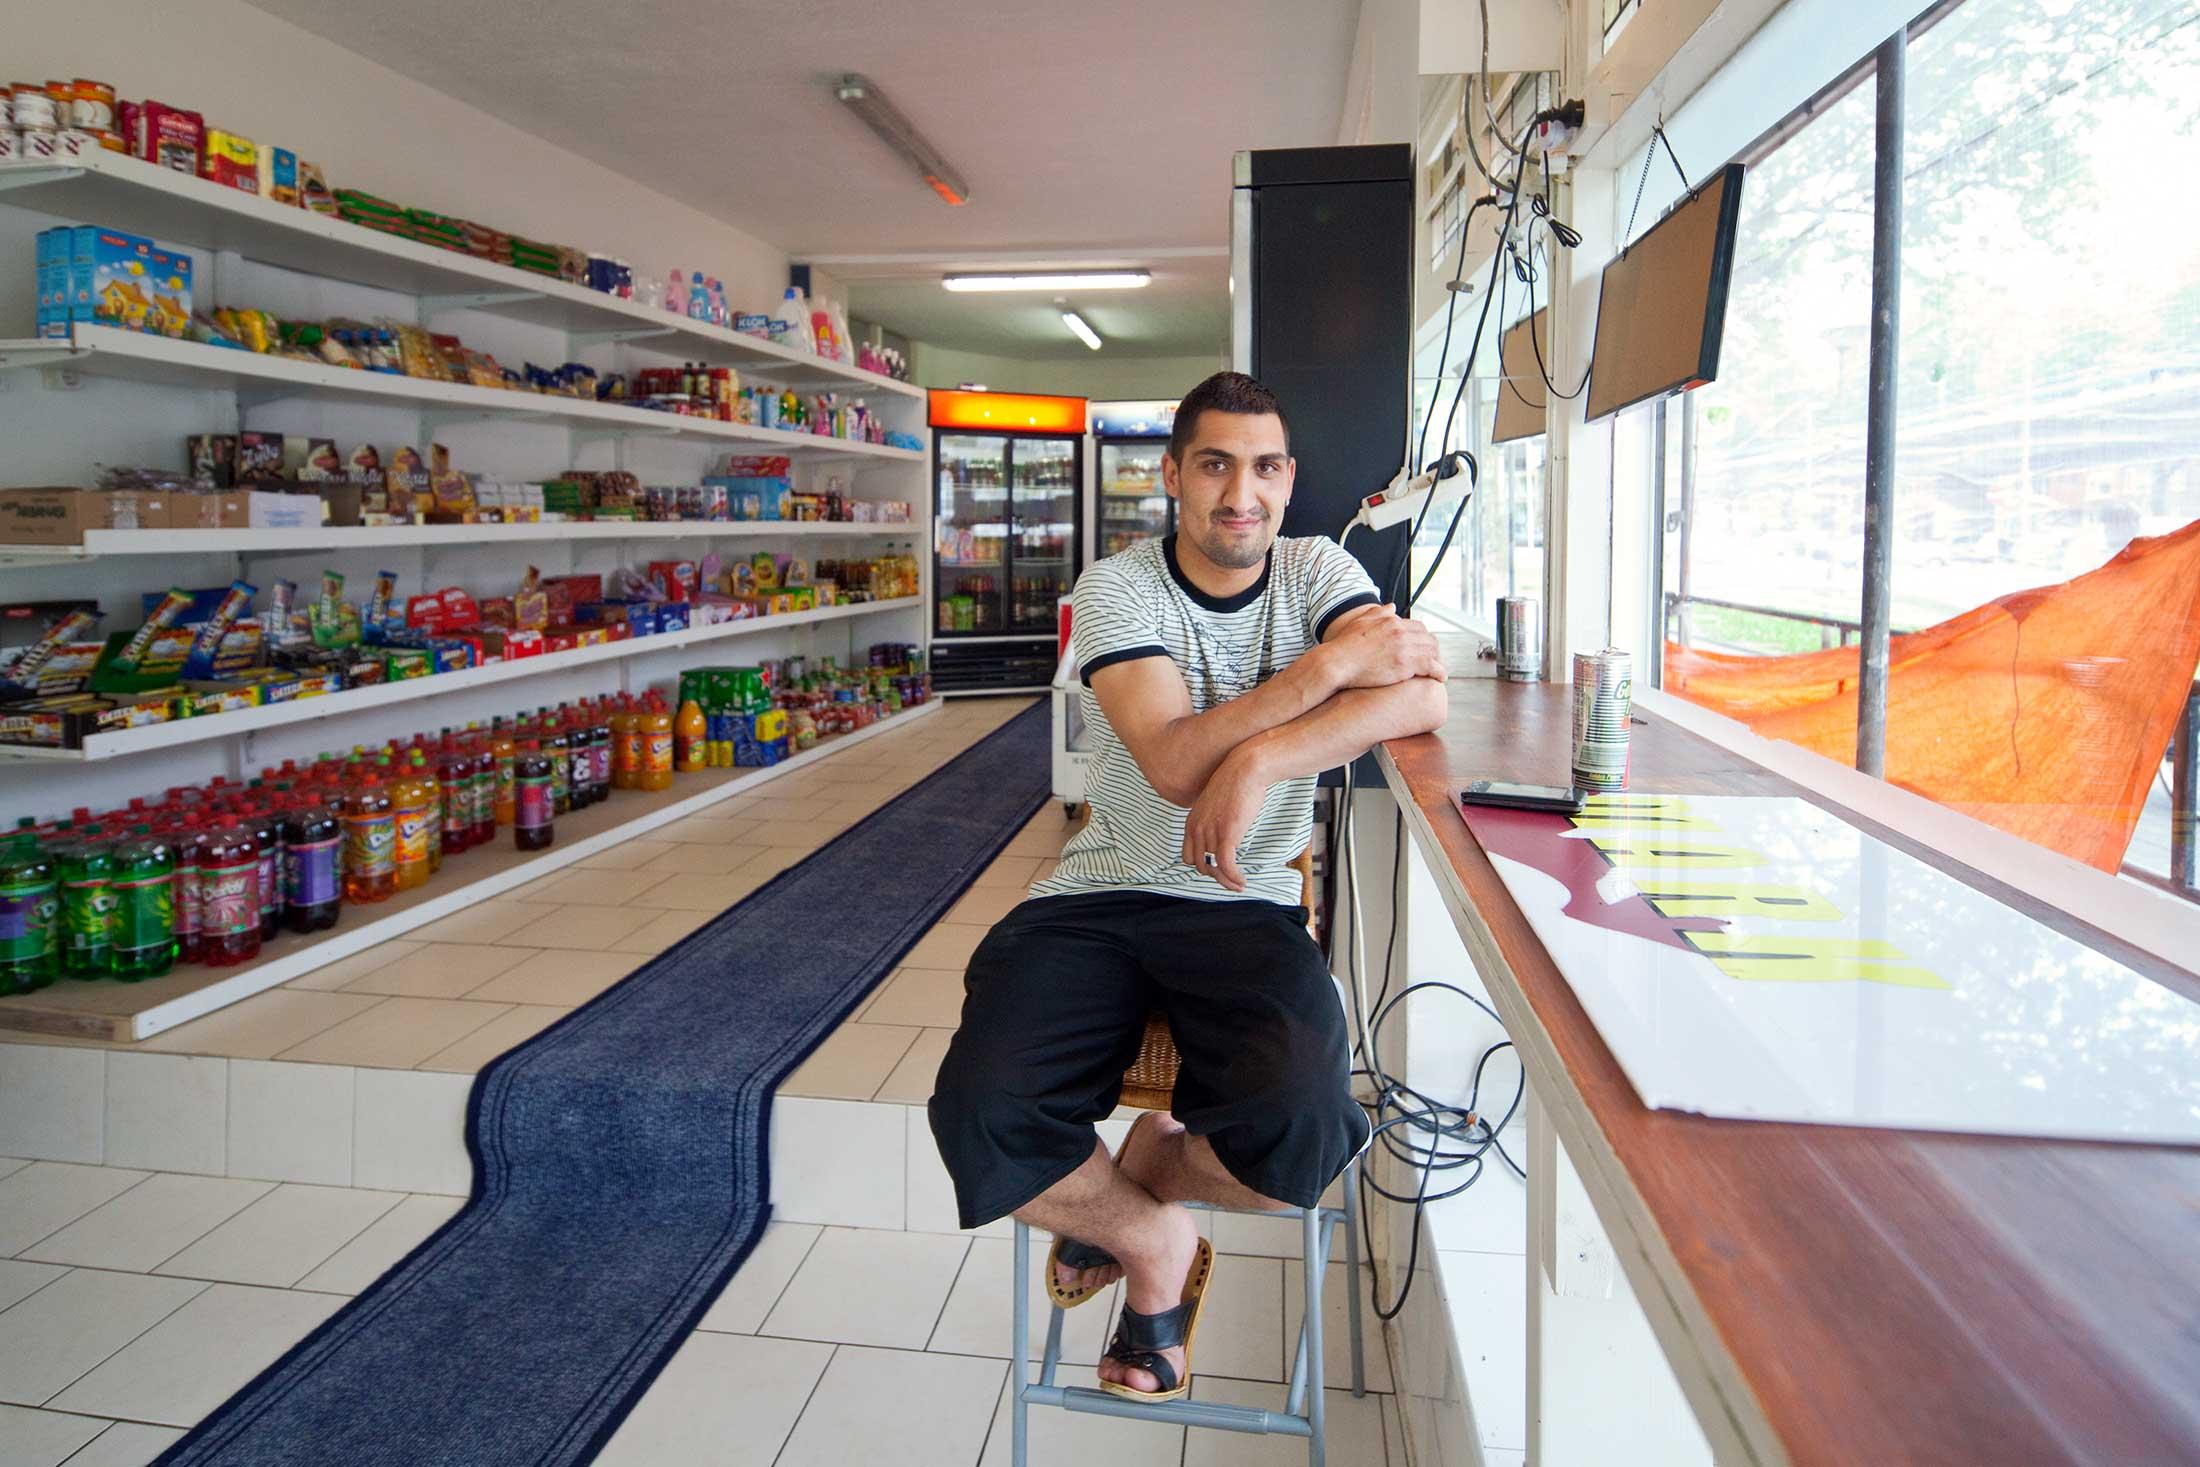 Vaste klant in de Bulgaarse deli aan het Mijnsherenplein